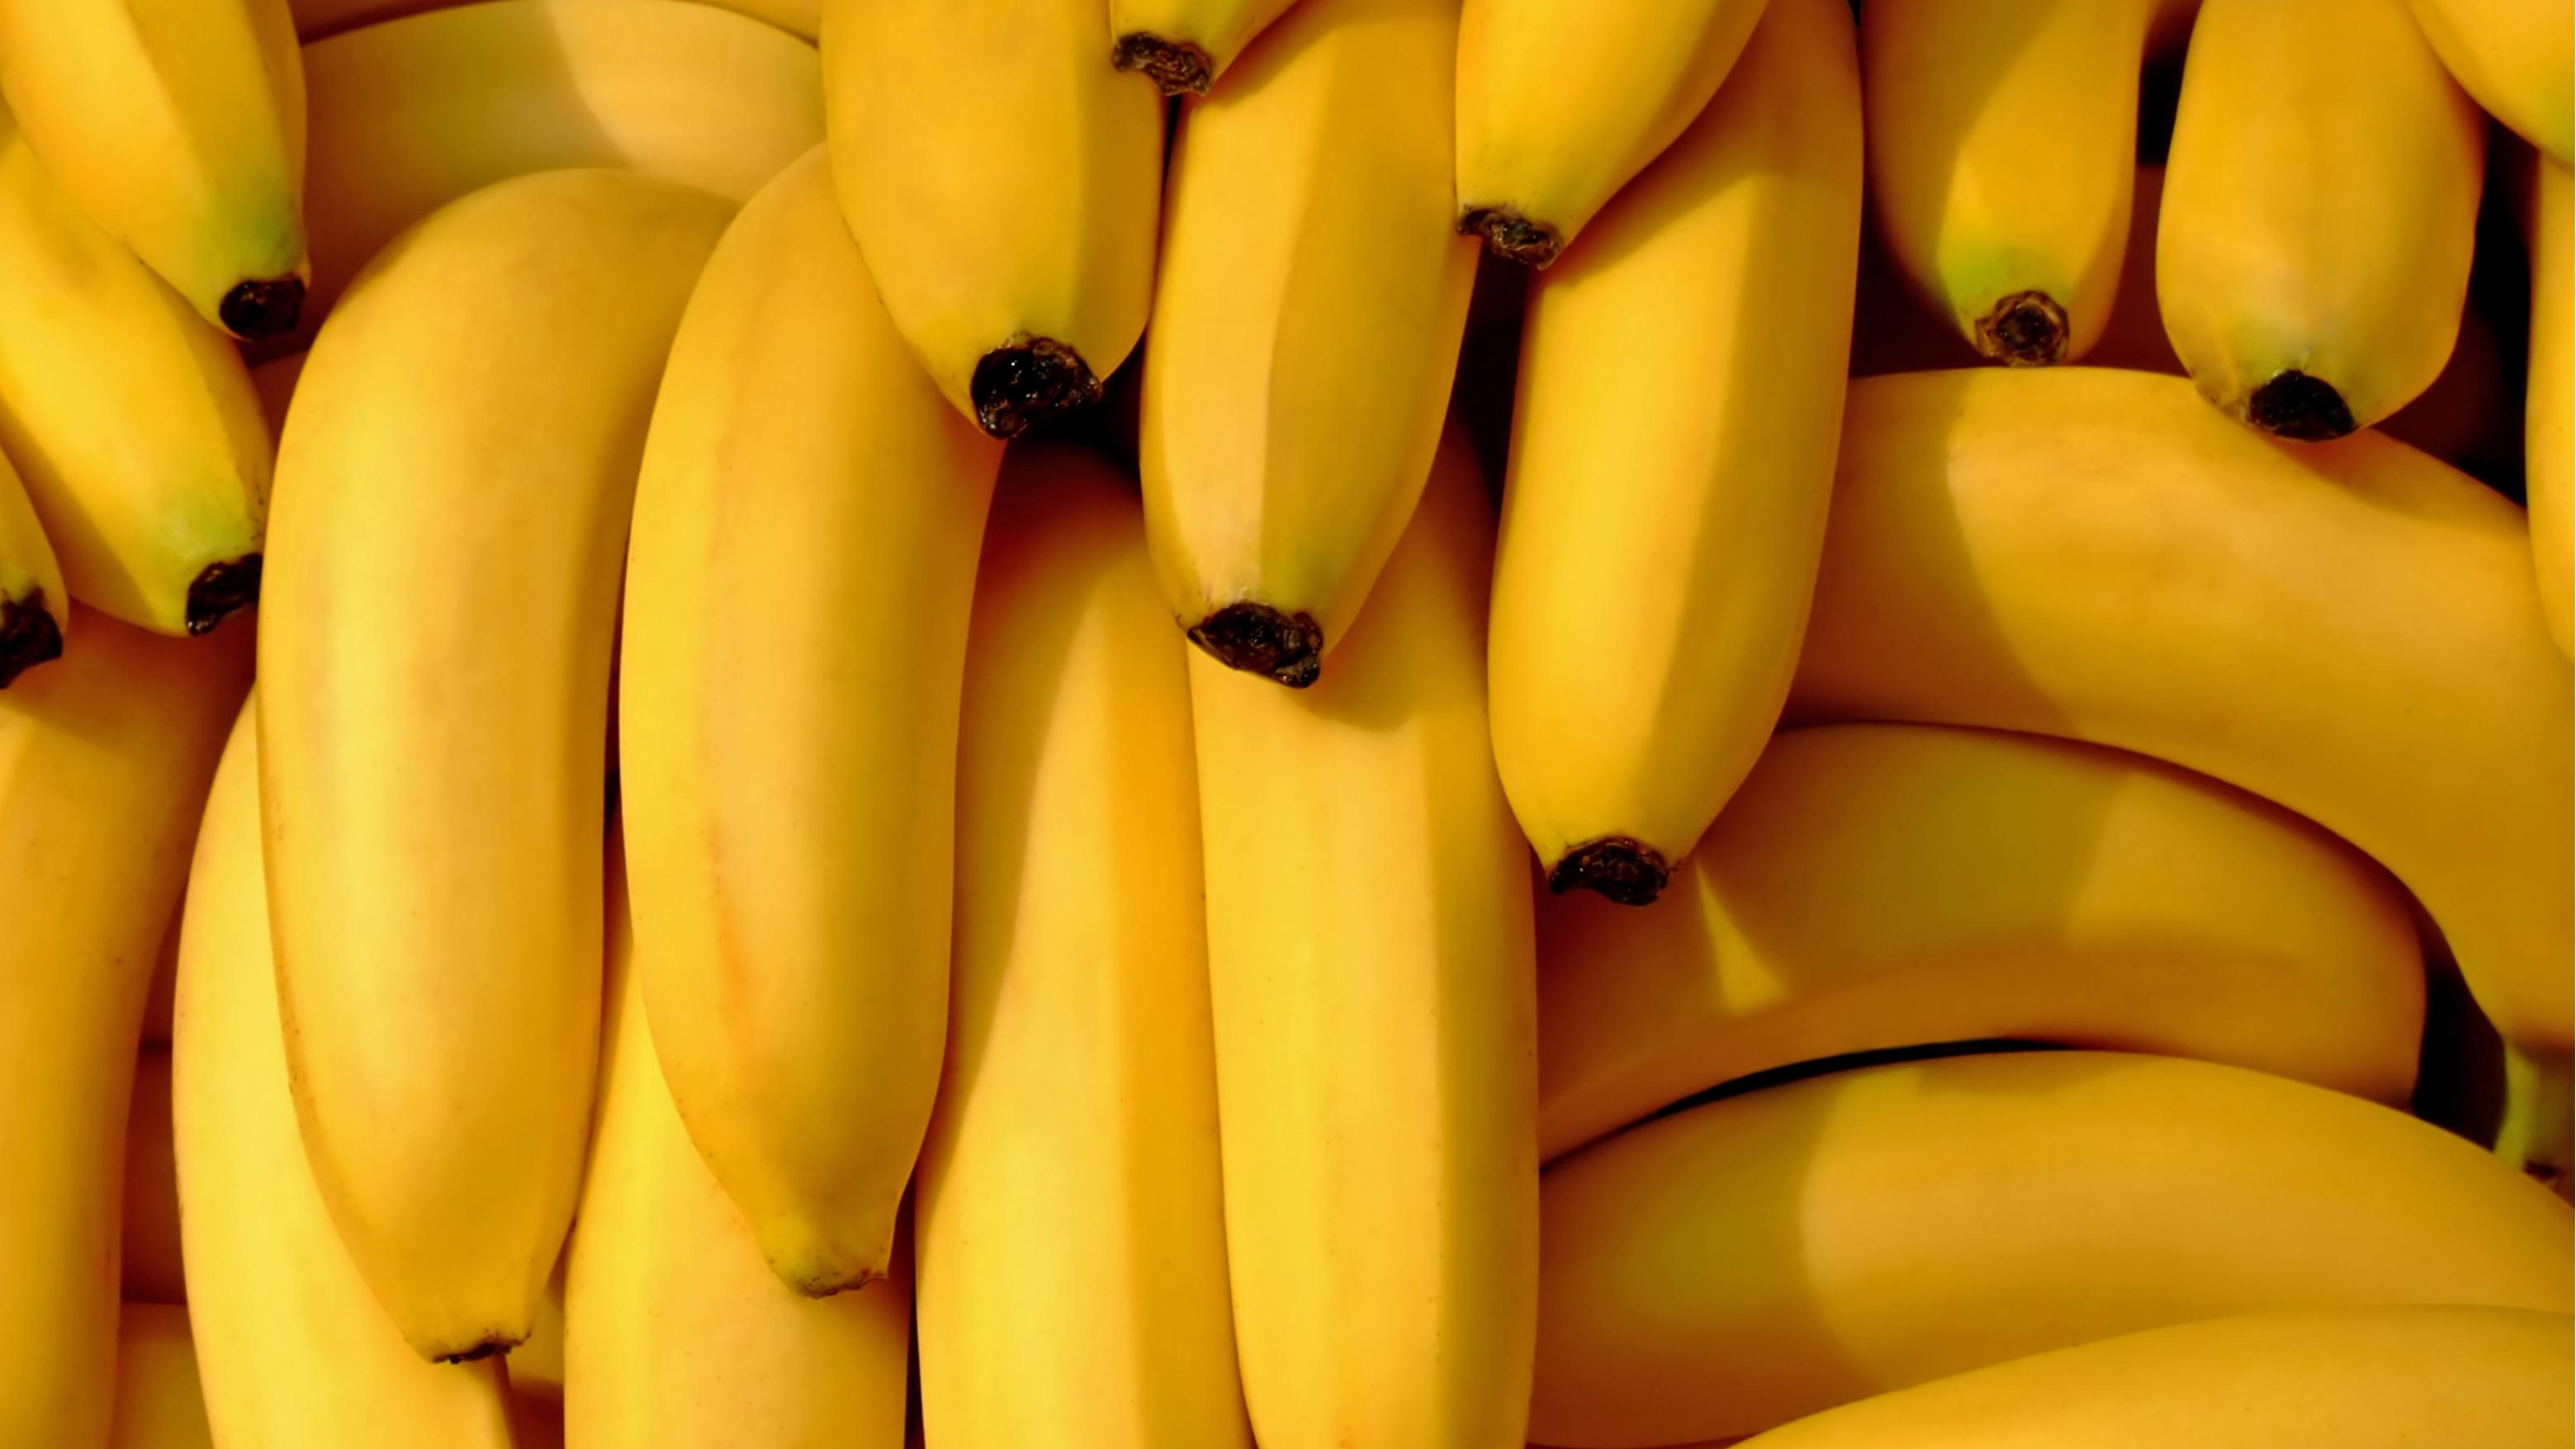 Os benefícios do abacate, do amendoim e da banana pro seu corpo